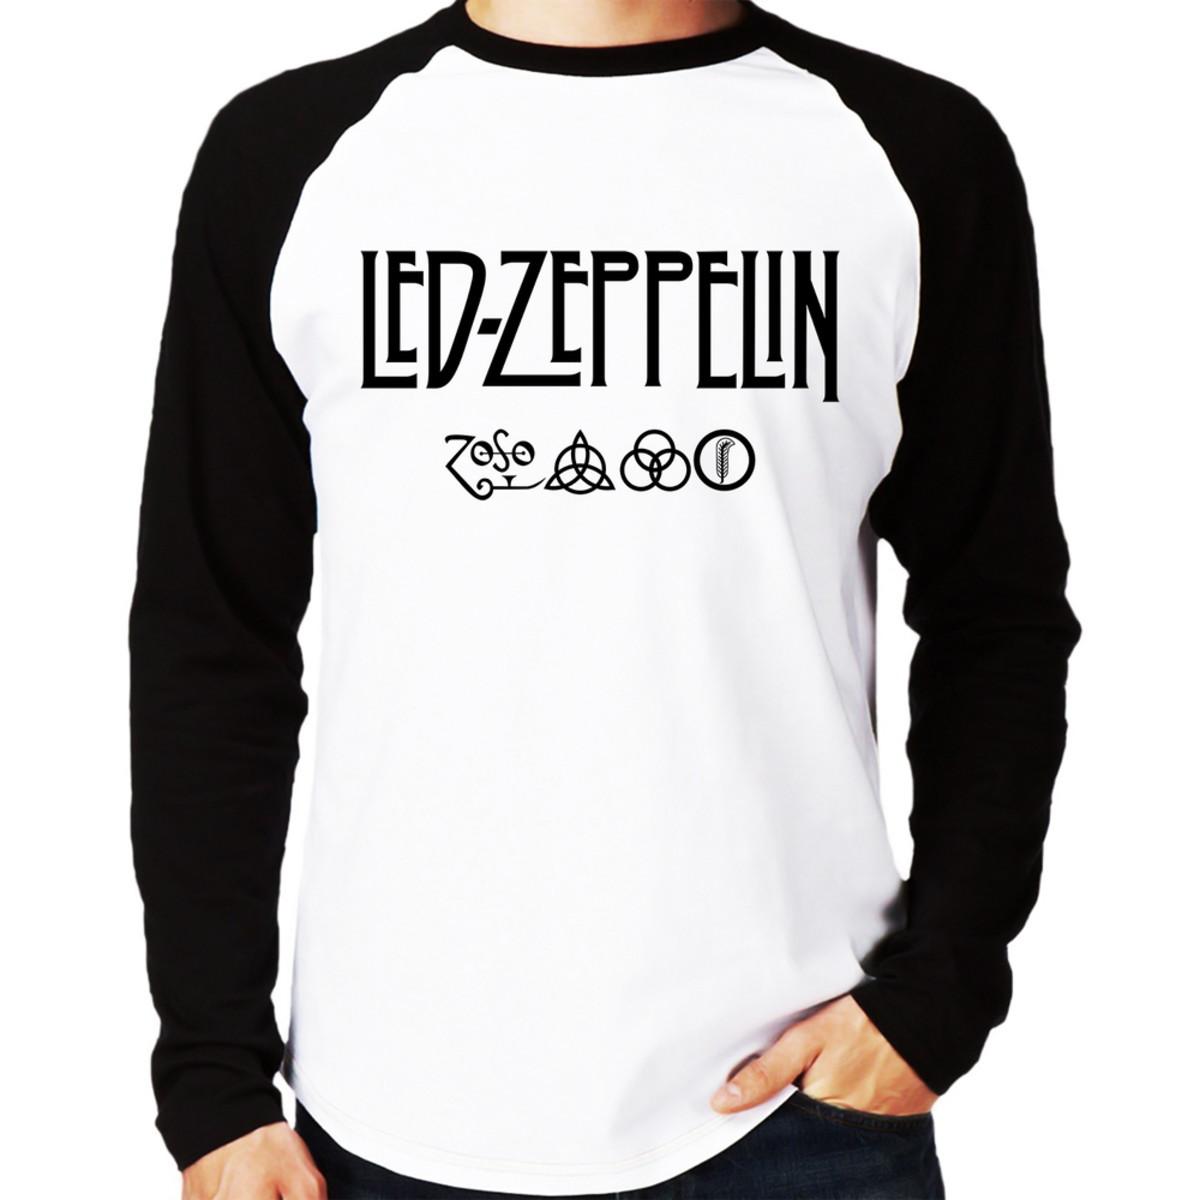 695a68199 Camiseta Led Zeppelin Raglan Longa no Elo7